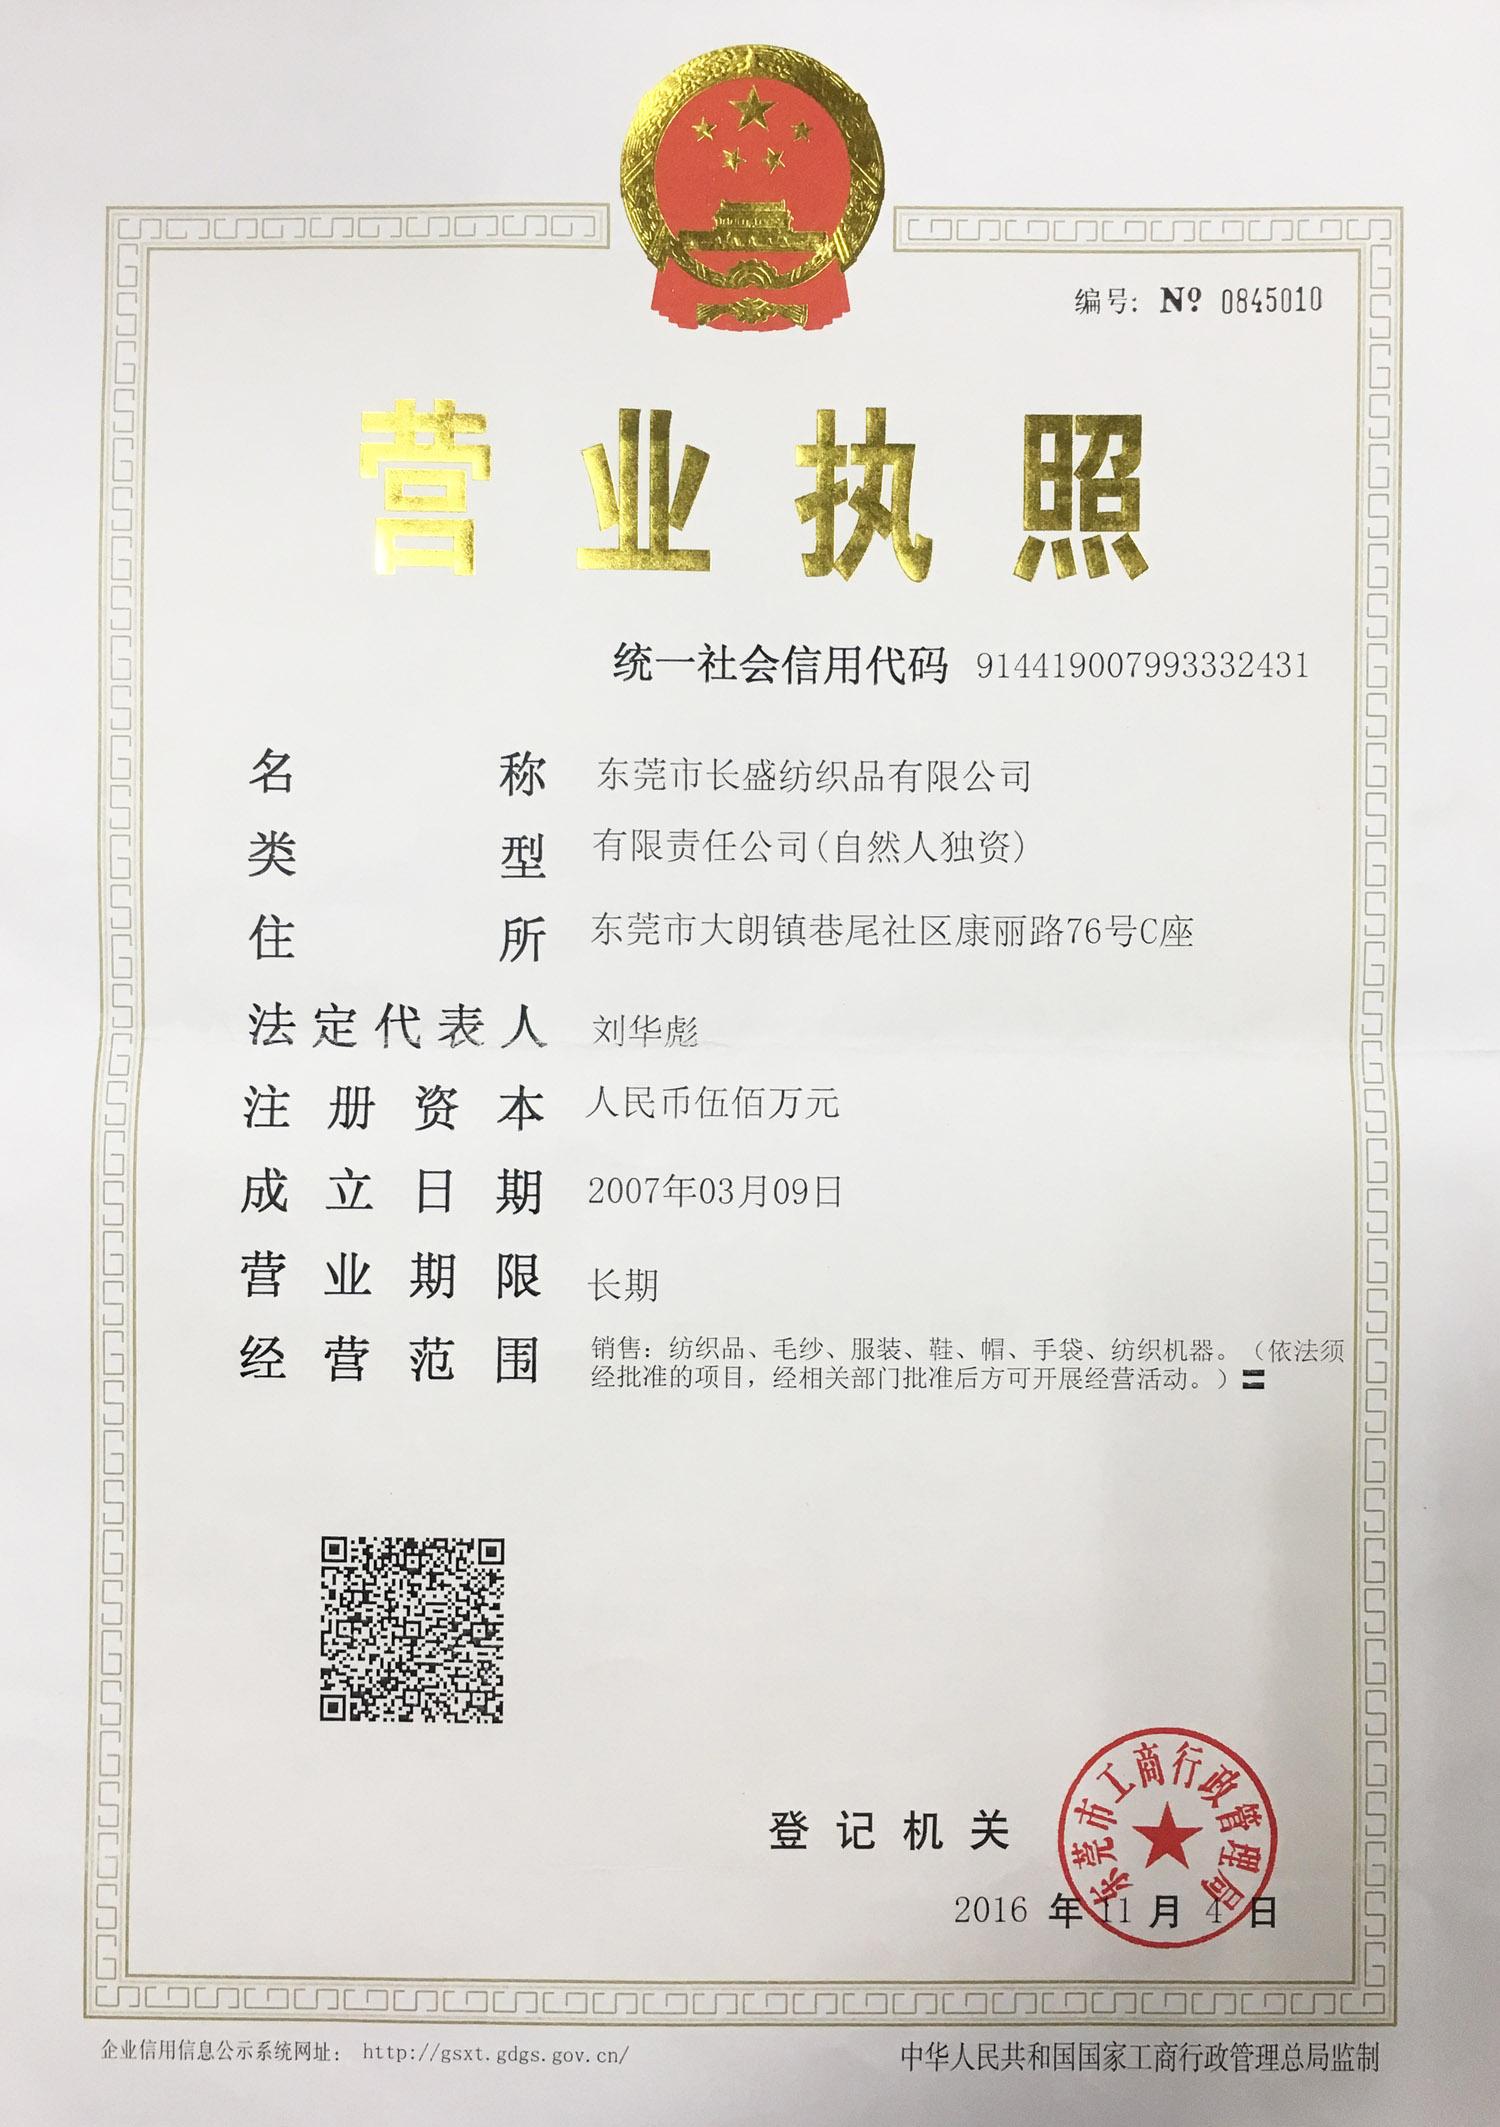 东莞市长盛纺织品有限公司企业档案